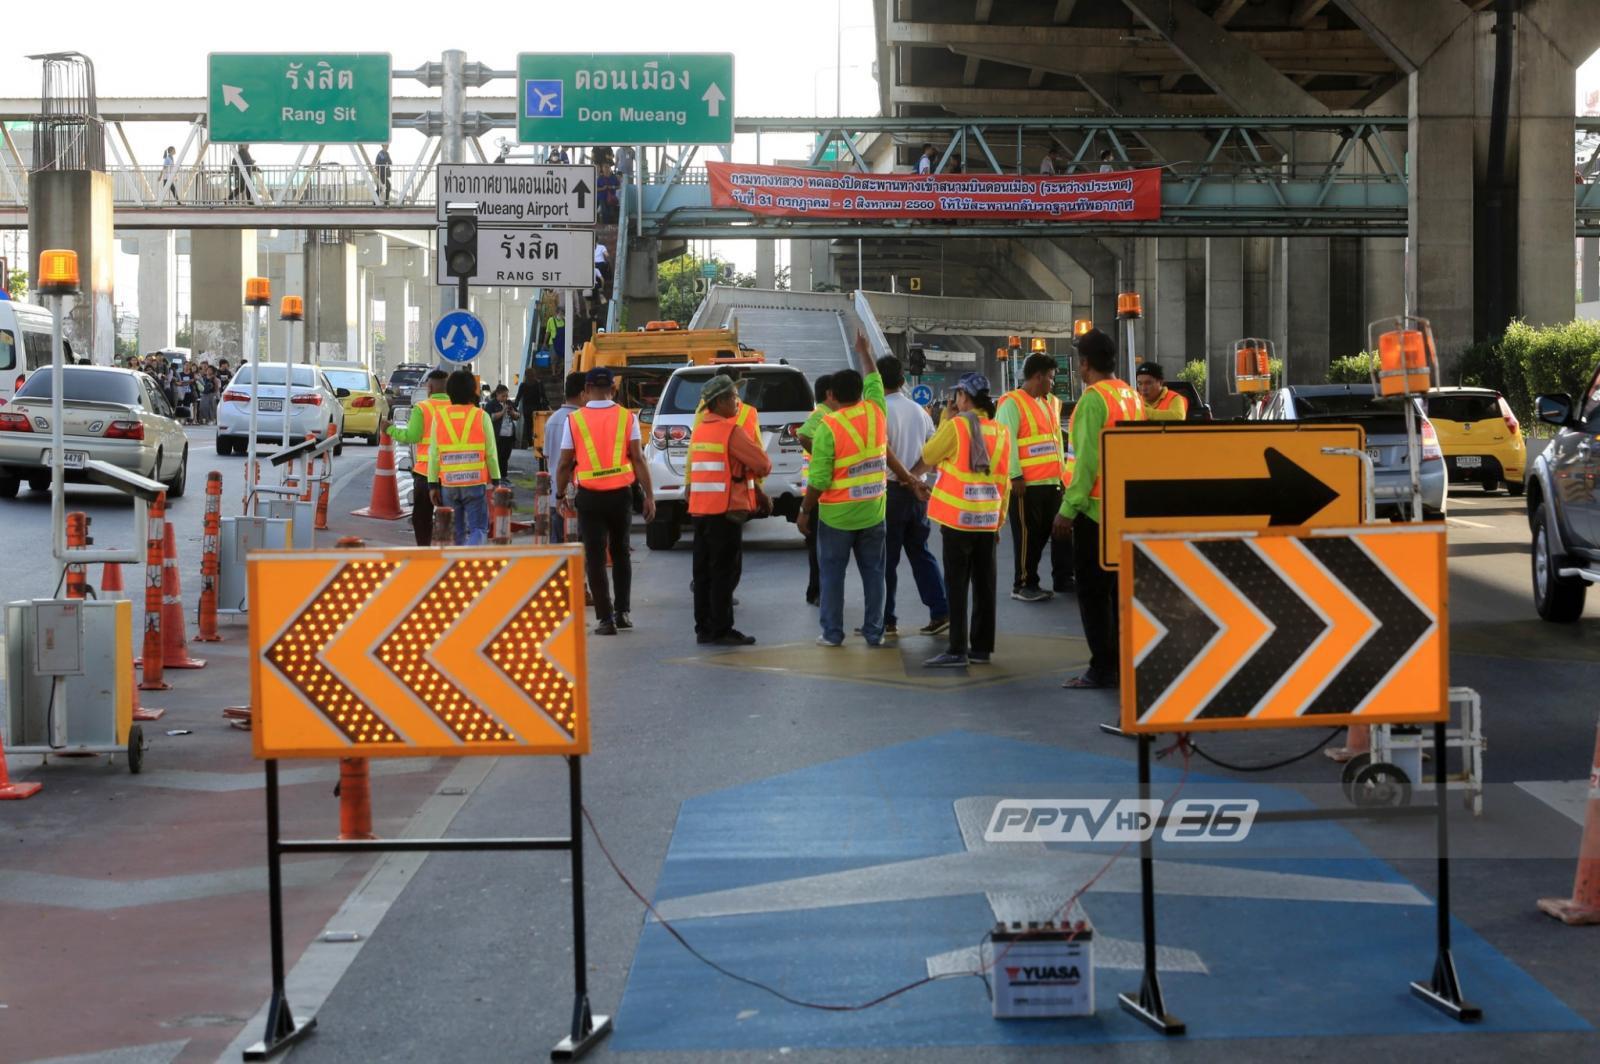 สี่ทุ่มวันนี้! ปิดสะพานทางเข้าสนามดอนเมือง